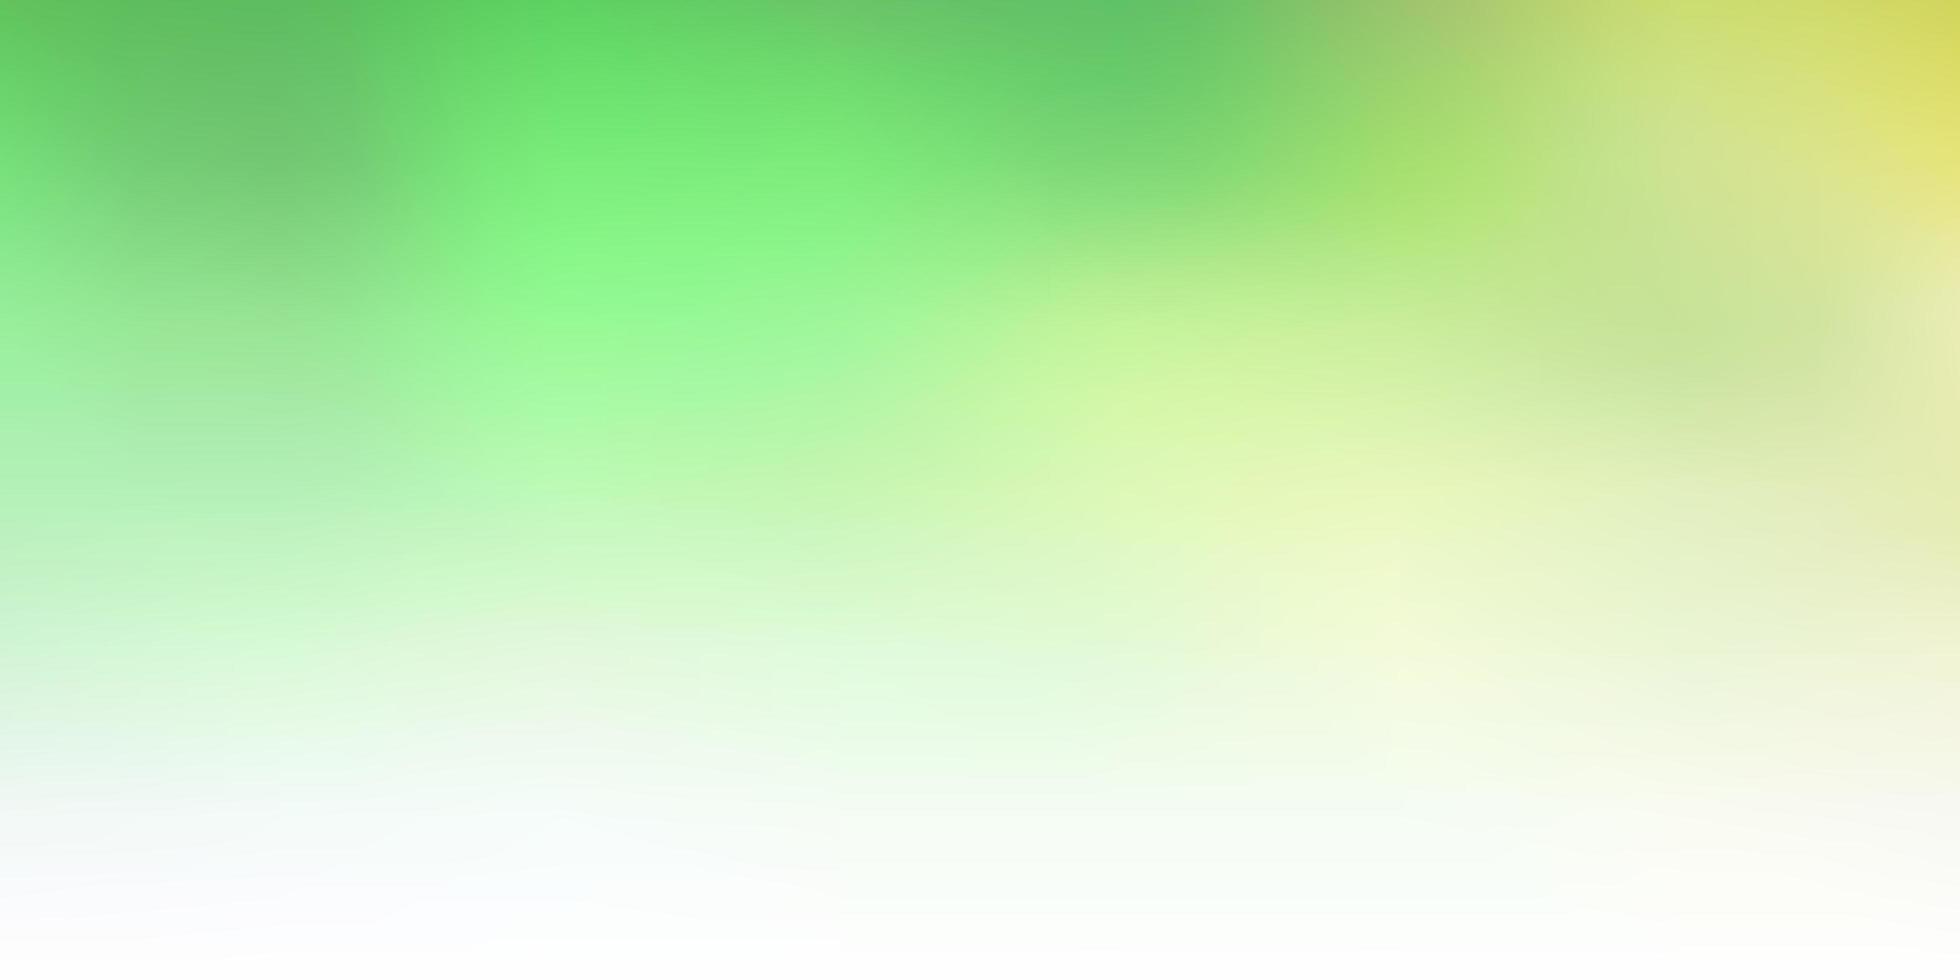 luz verde, amarelo vetor abstrato desfocar pano de fundo.